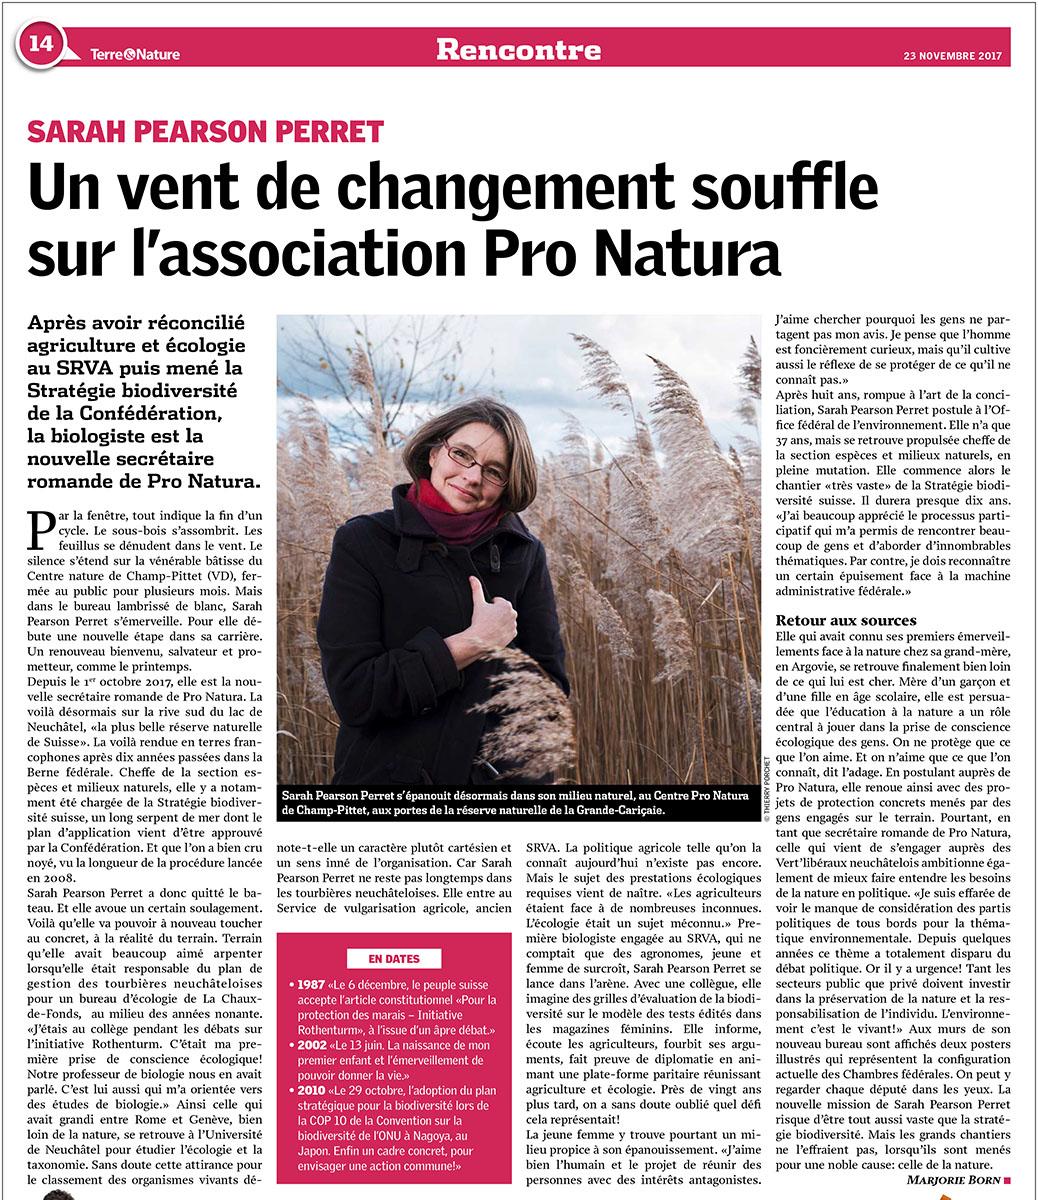 Portrait de Sarah Pearson Perret pour Terre et Nature. © Thierry Porchet